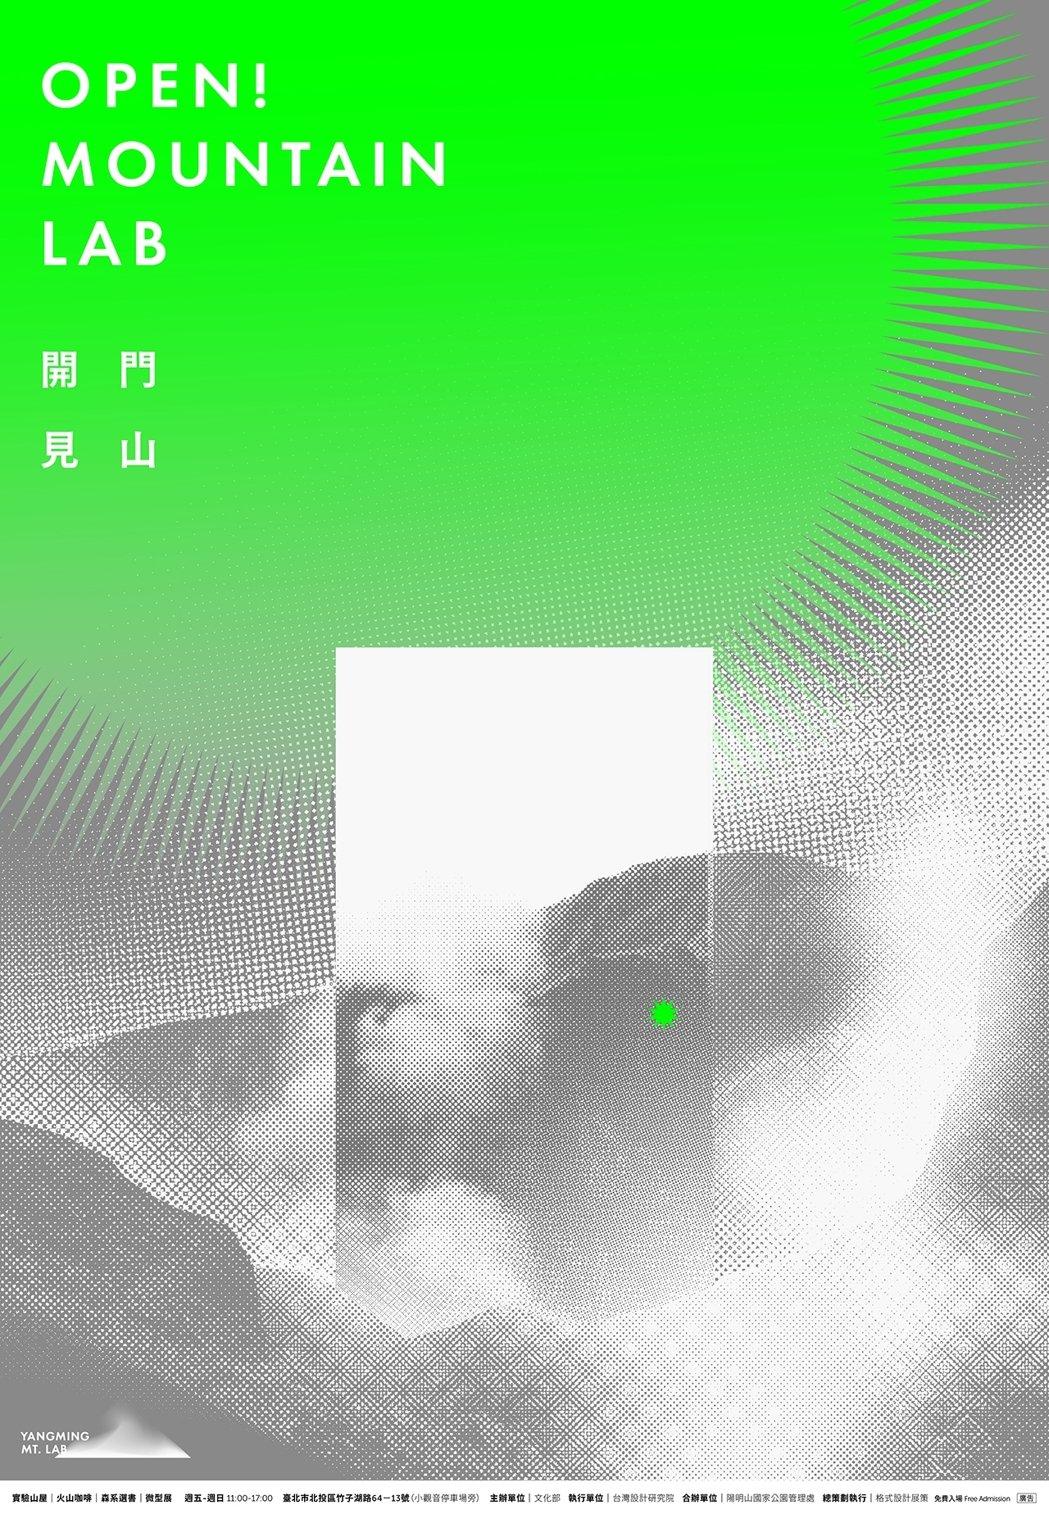 陽明實驗山屋CIS設計由雲霧蒸氣構成的小山轉化,強調陽明山冉冉白霧與翠綠芒草的從...